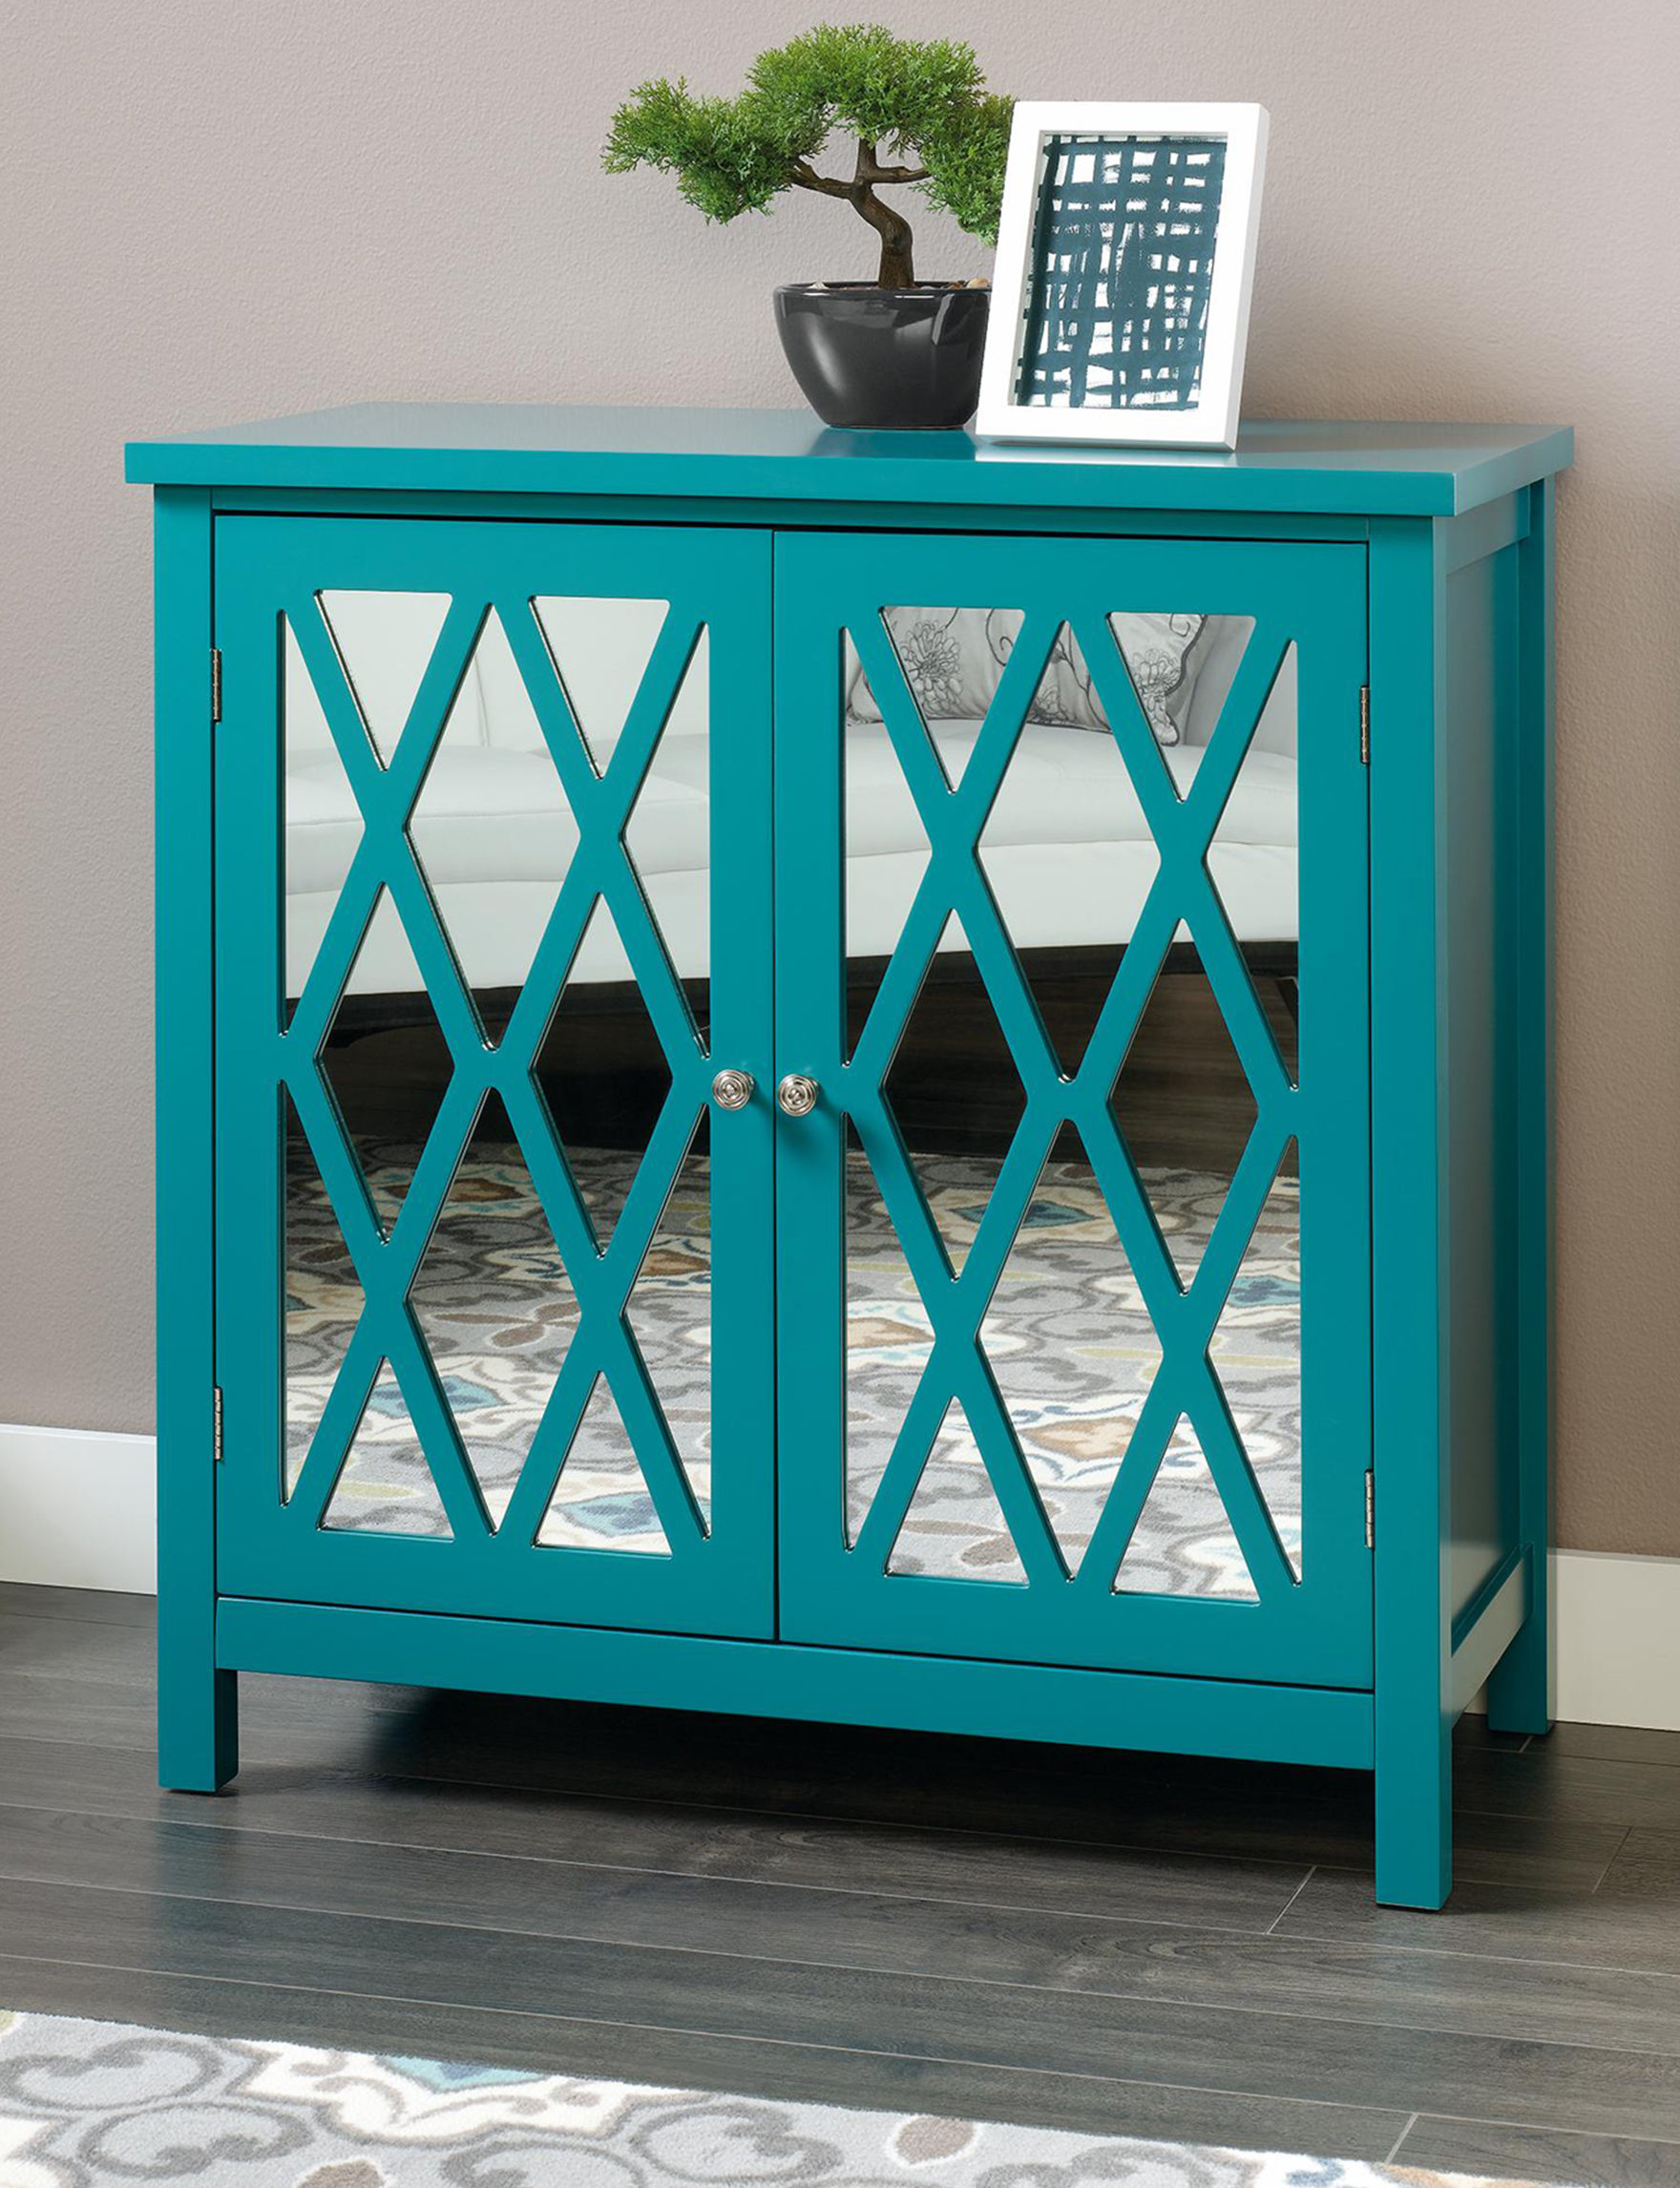 Sauder Teal Cabinets & Cupboards Living Room Furniture